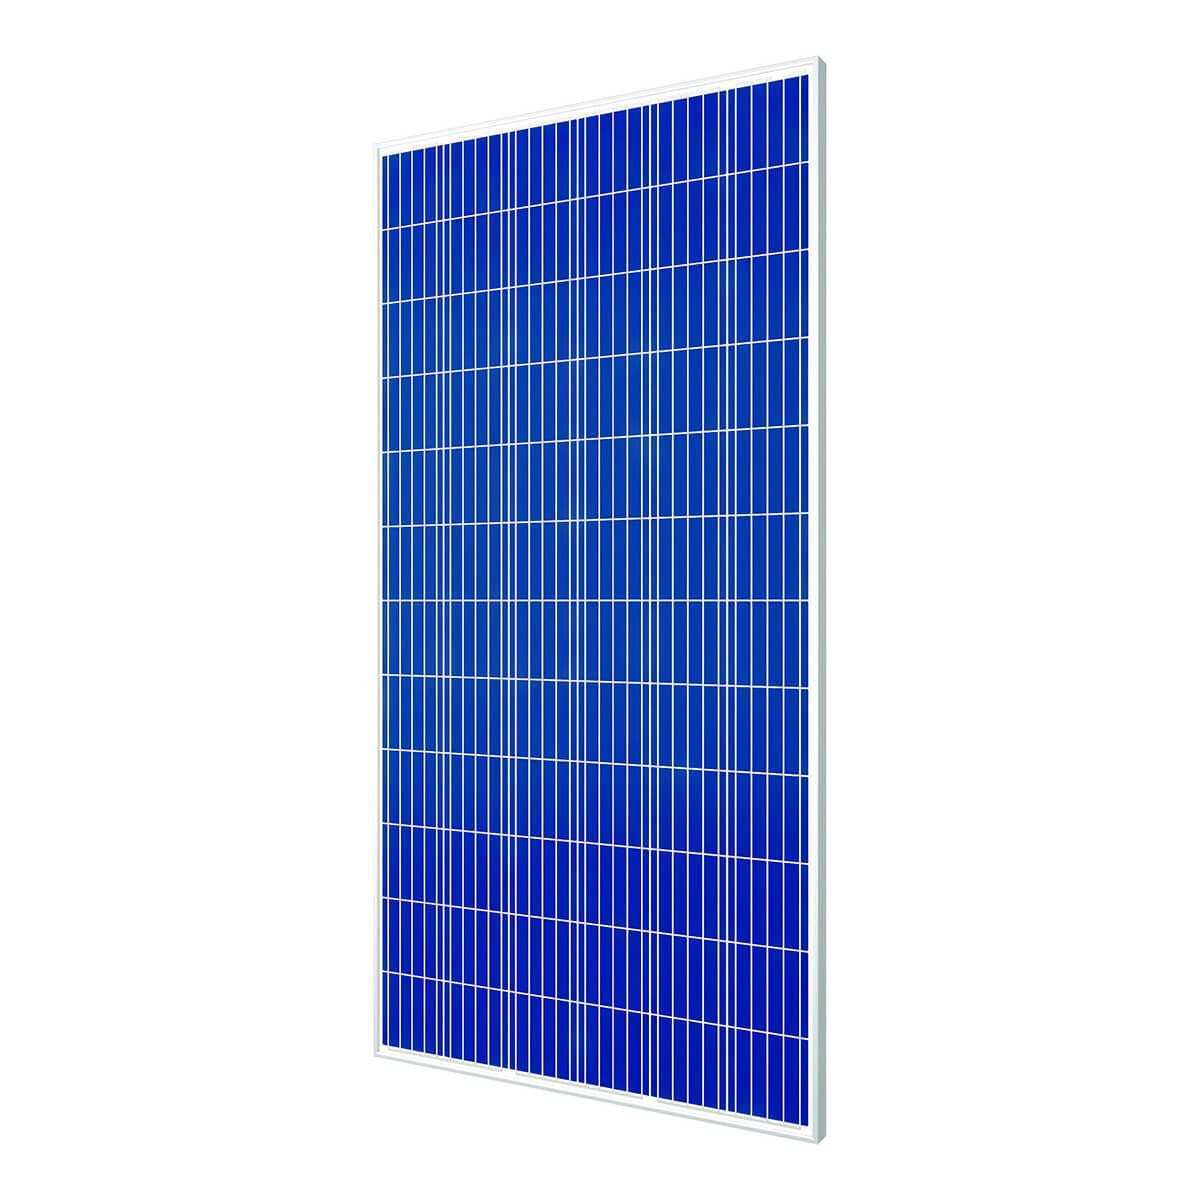 tommatech 330W panel, tommatech 330Watt panel, tommatech 330 W panel, tommatech 330 Watt panel, tommatech 330 Watt polikristal panel, tommatech 330 W watt gunes paneli, tommatech 330 W watt polikristal gunes paneli, tommatech 330 W Watt fotovoltaik polikristal solar panel, tommatech 330W polikristal gunes enerjisi, tommatech TT330-72P-330W panel, TOMMATECH 330 WATT